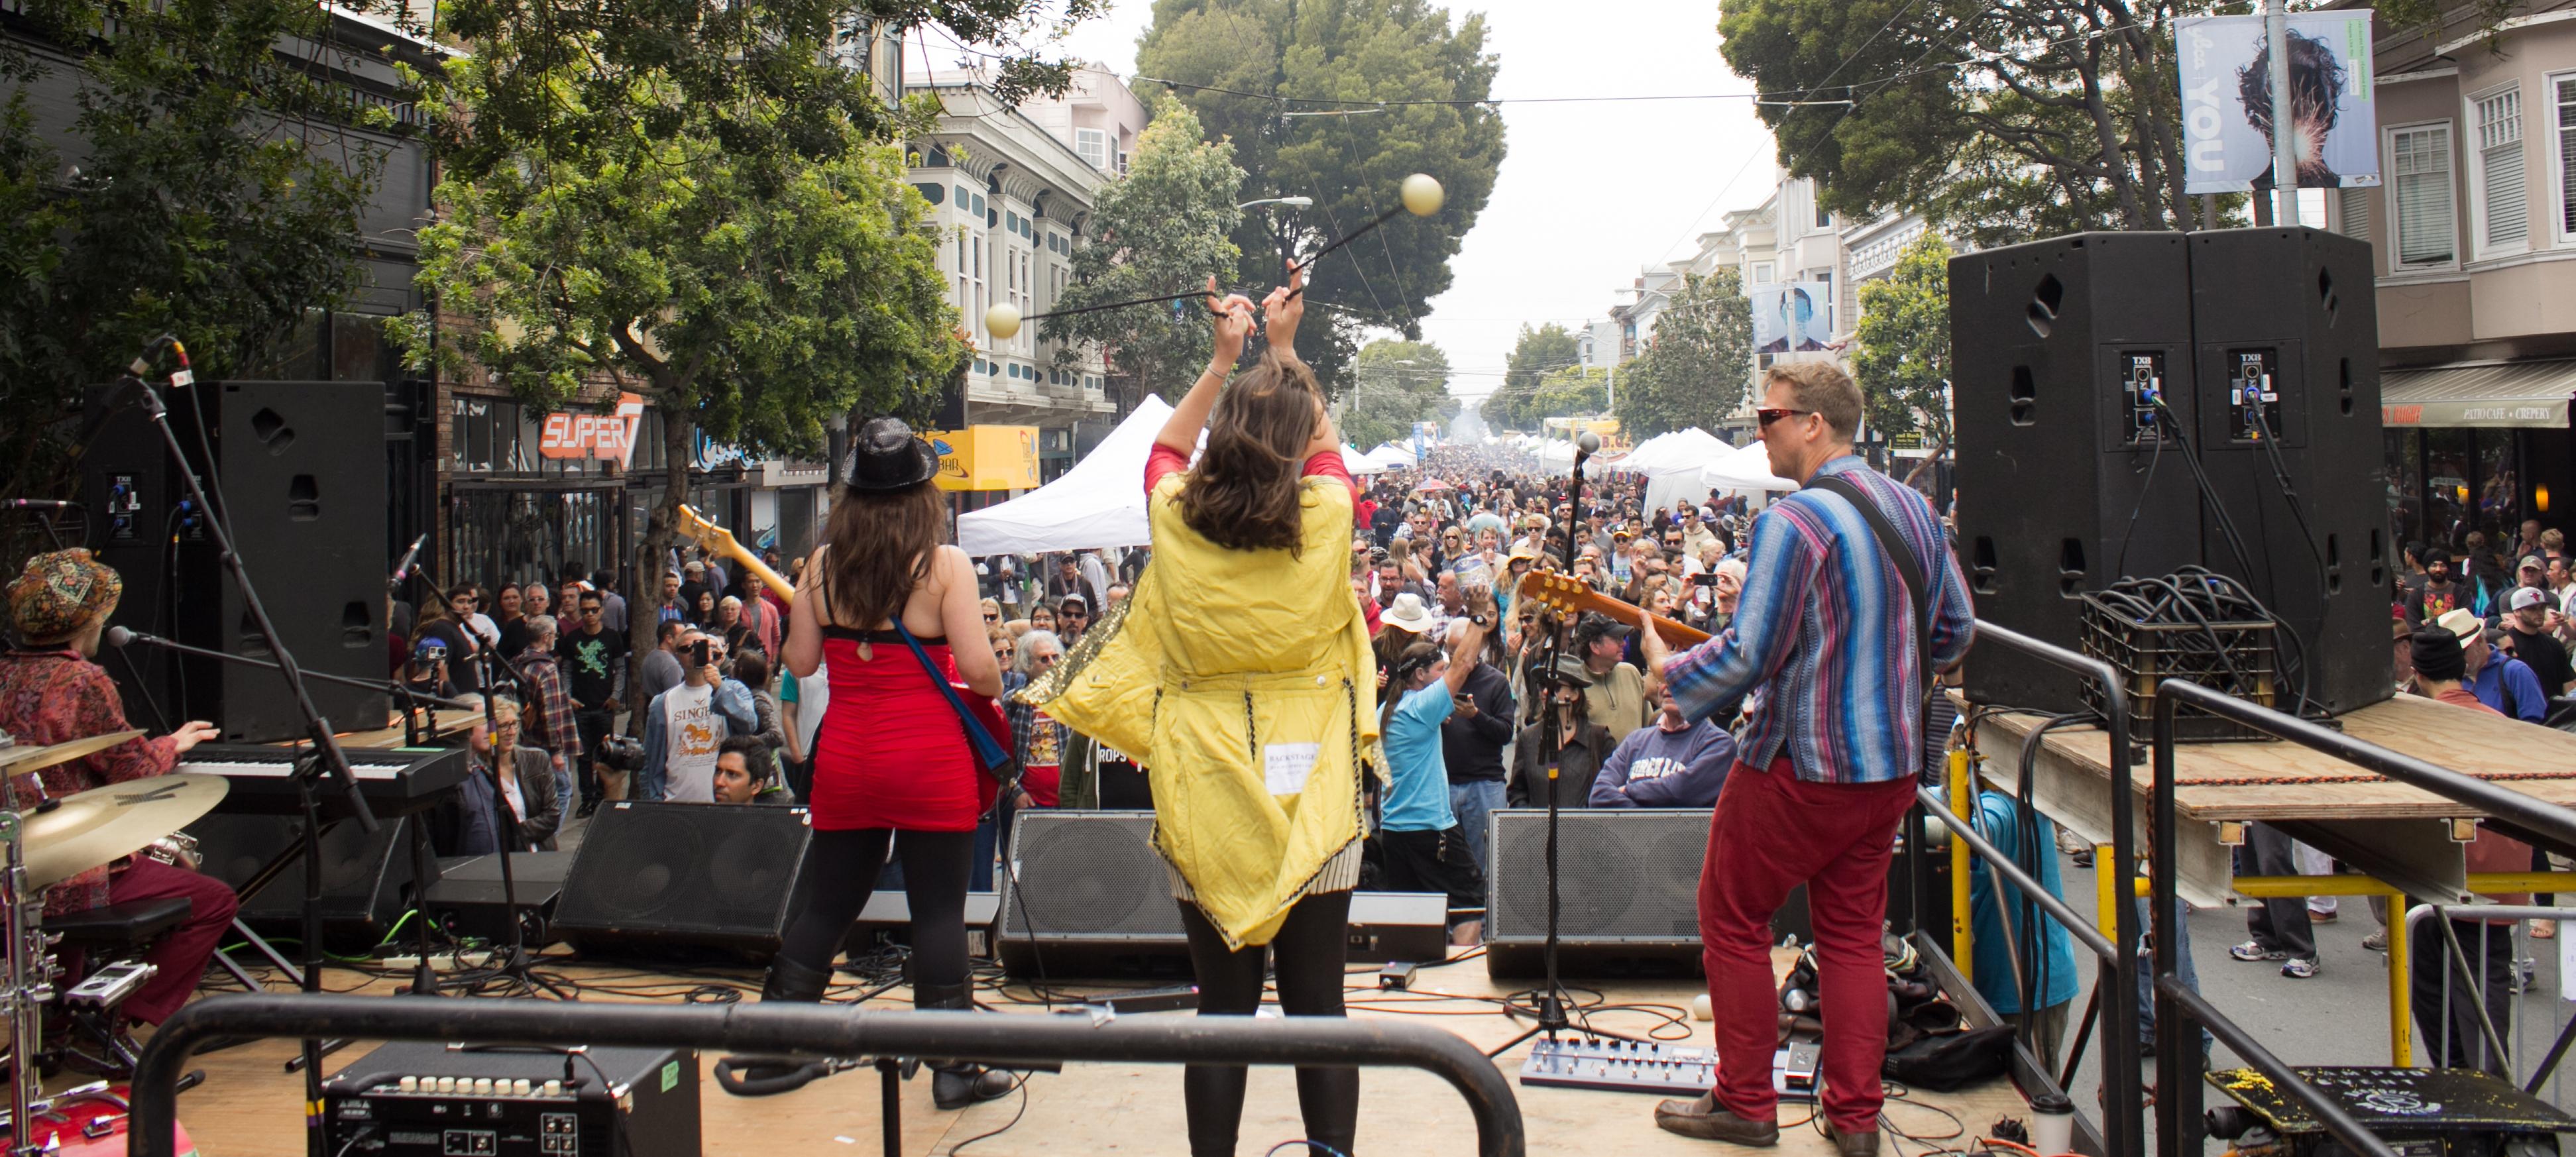 The Wyatt Act - Haight Ashbury Street Fair (9 of 46)